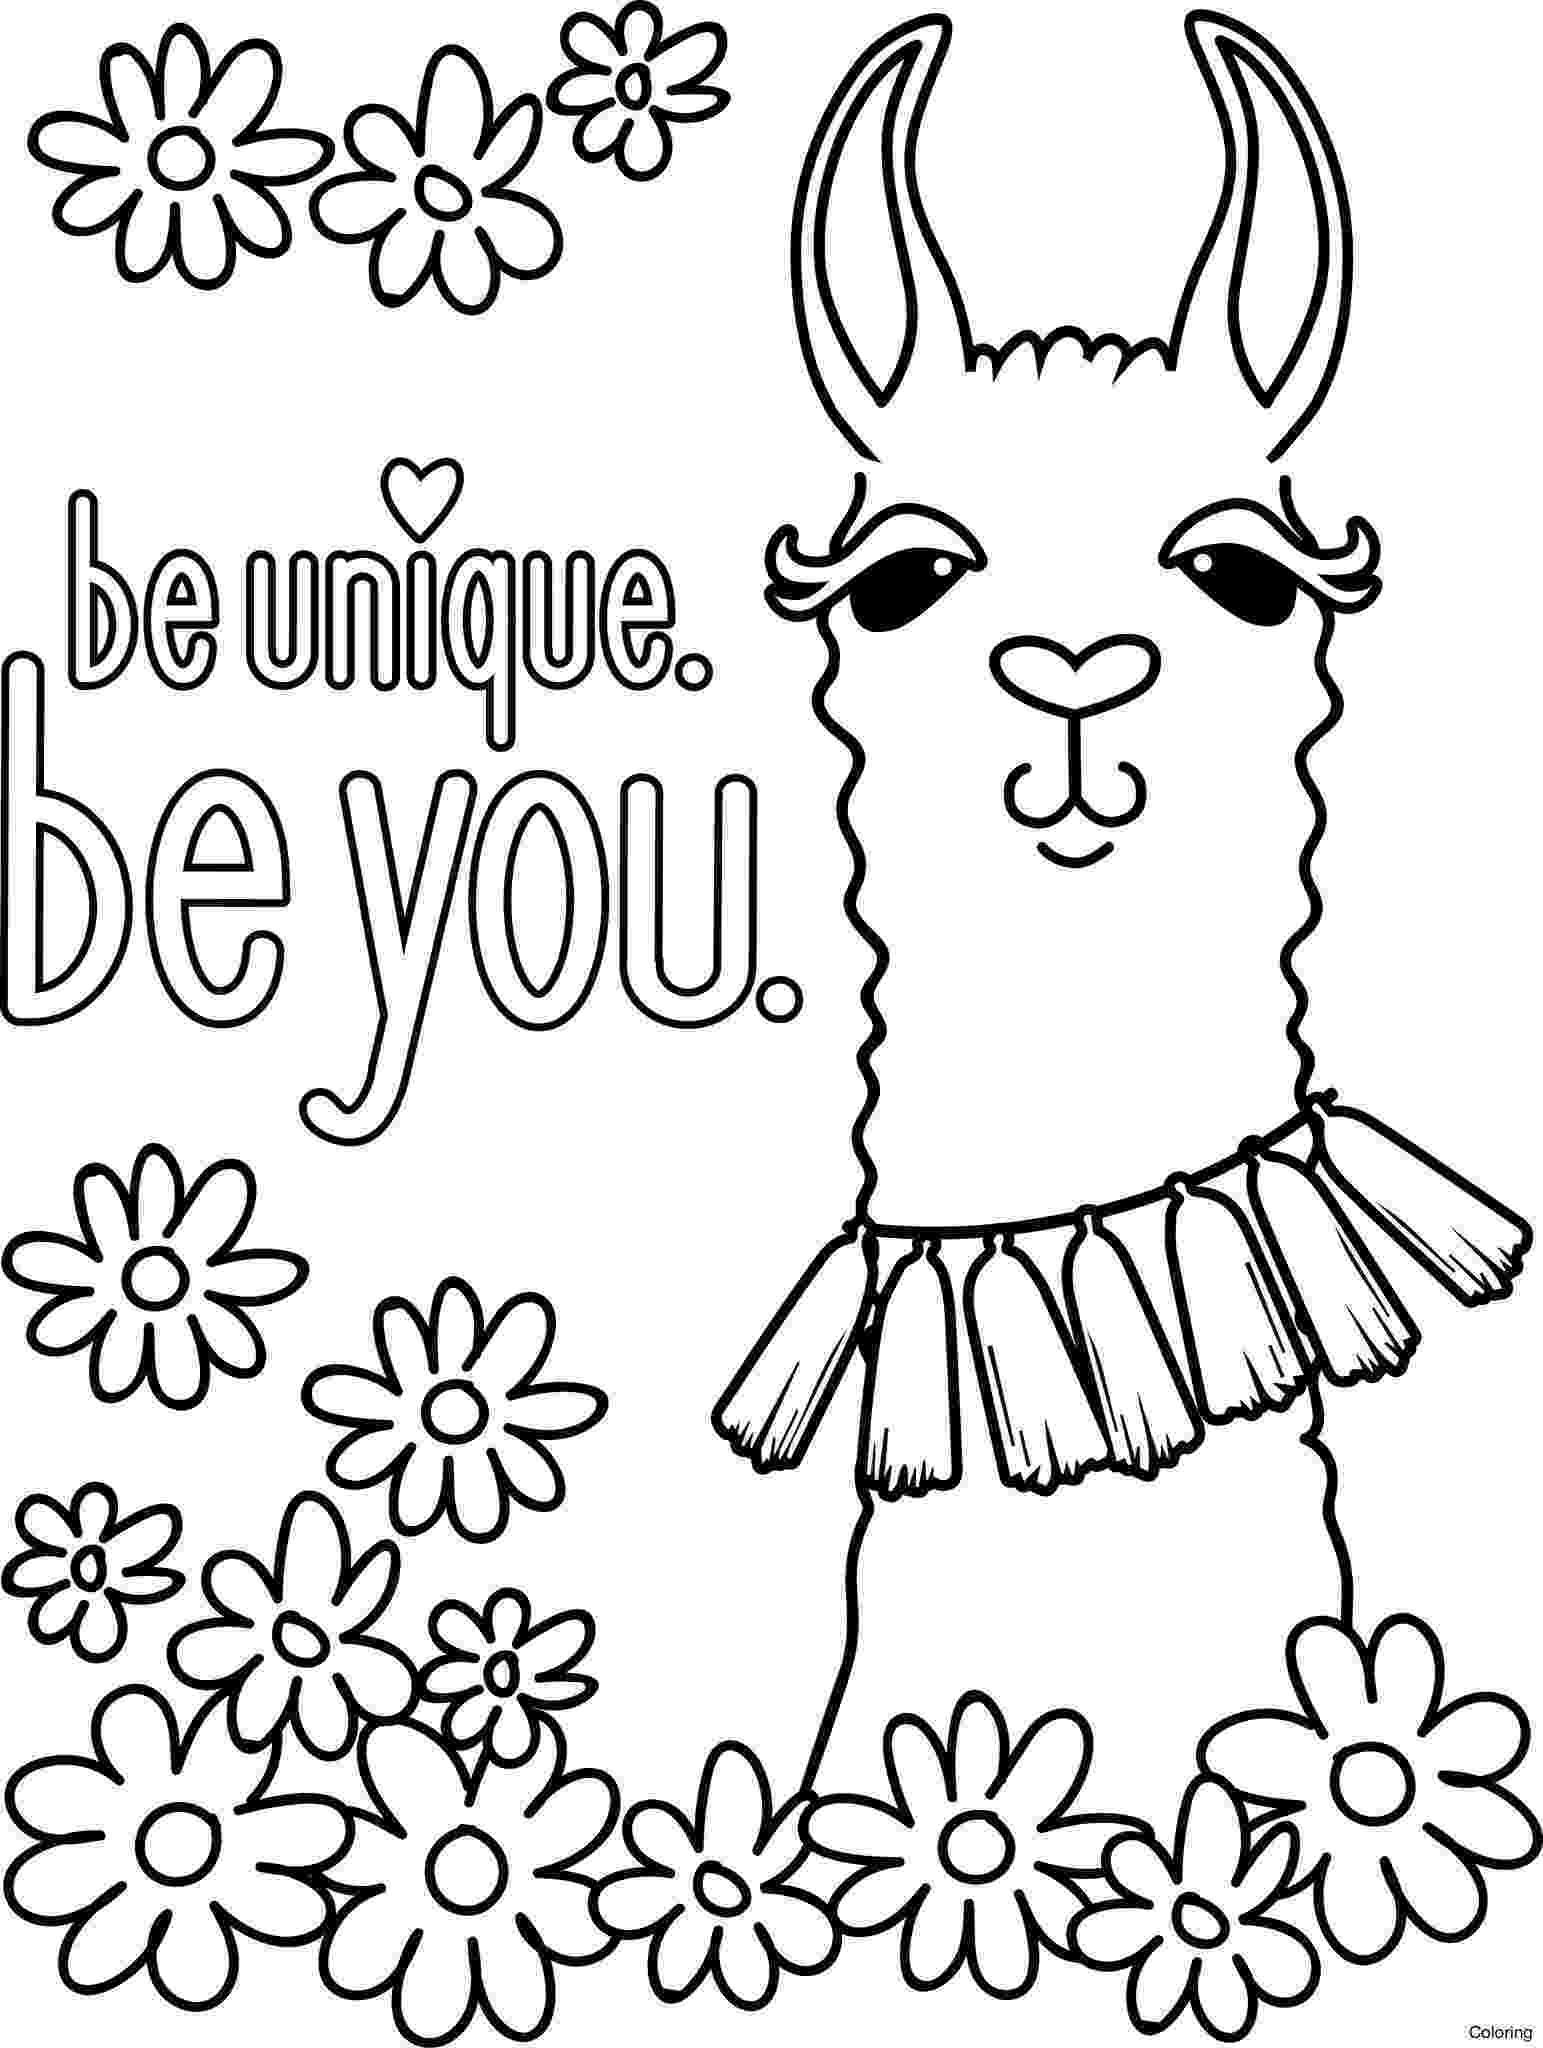 llama coloring pages llama coloring page getcoloringpagescom llama coloring pages